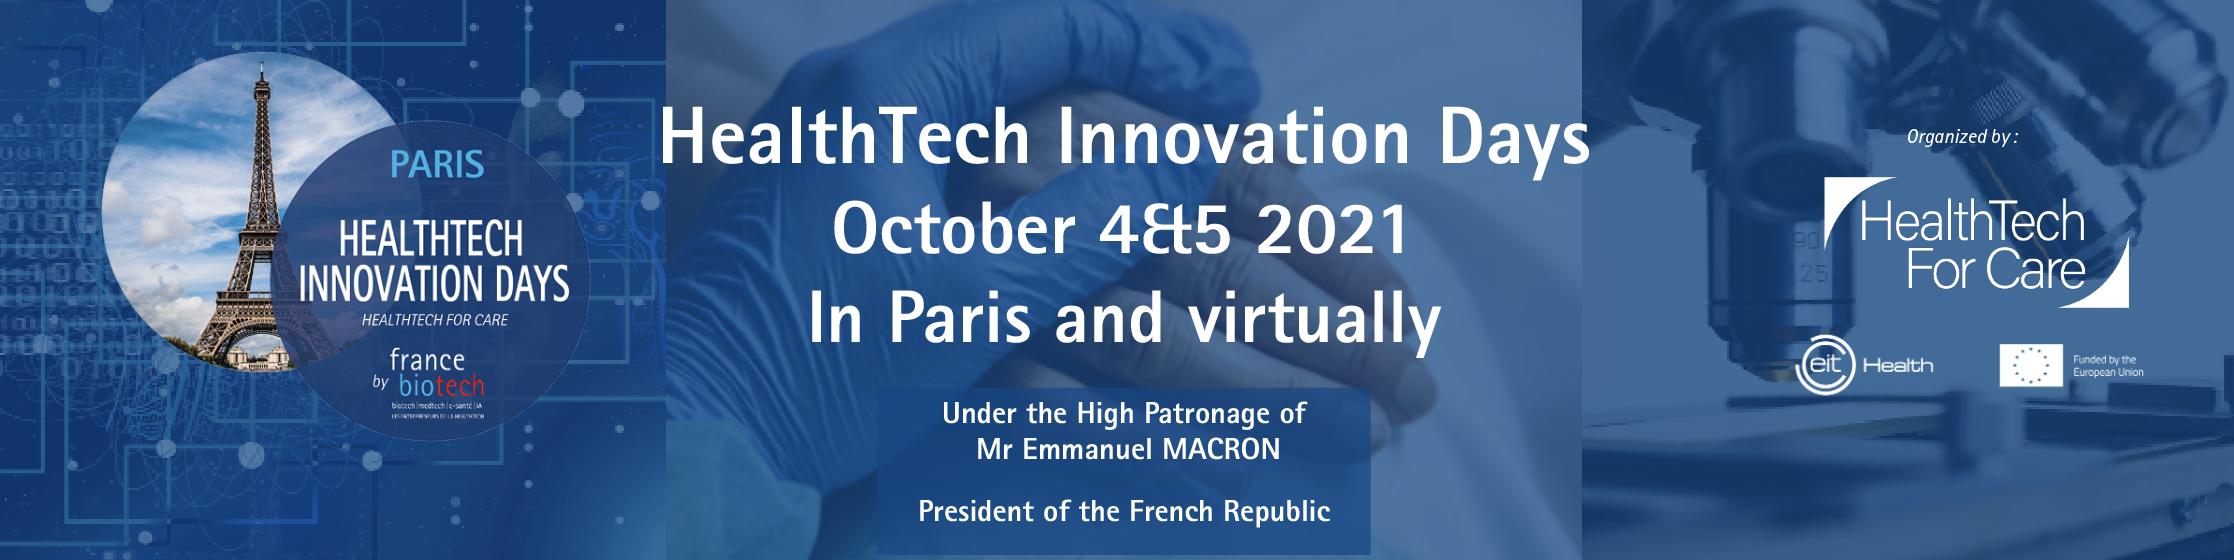 HealthTech Innovation Days 2021